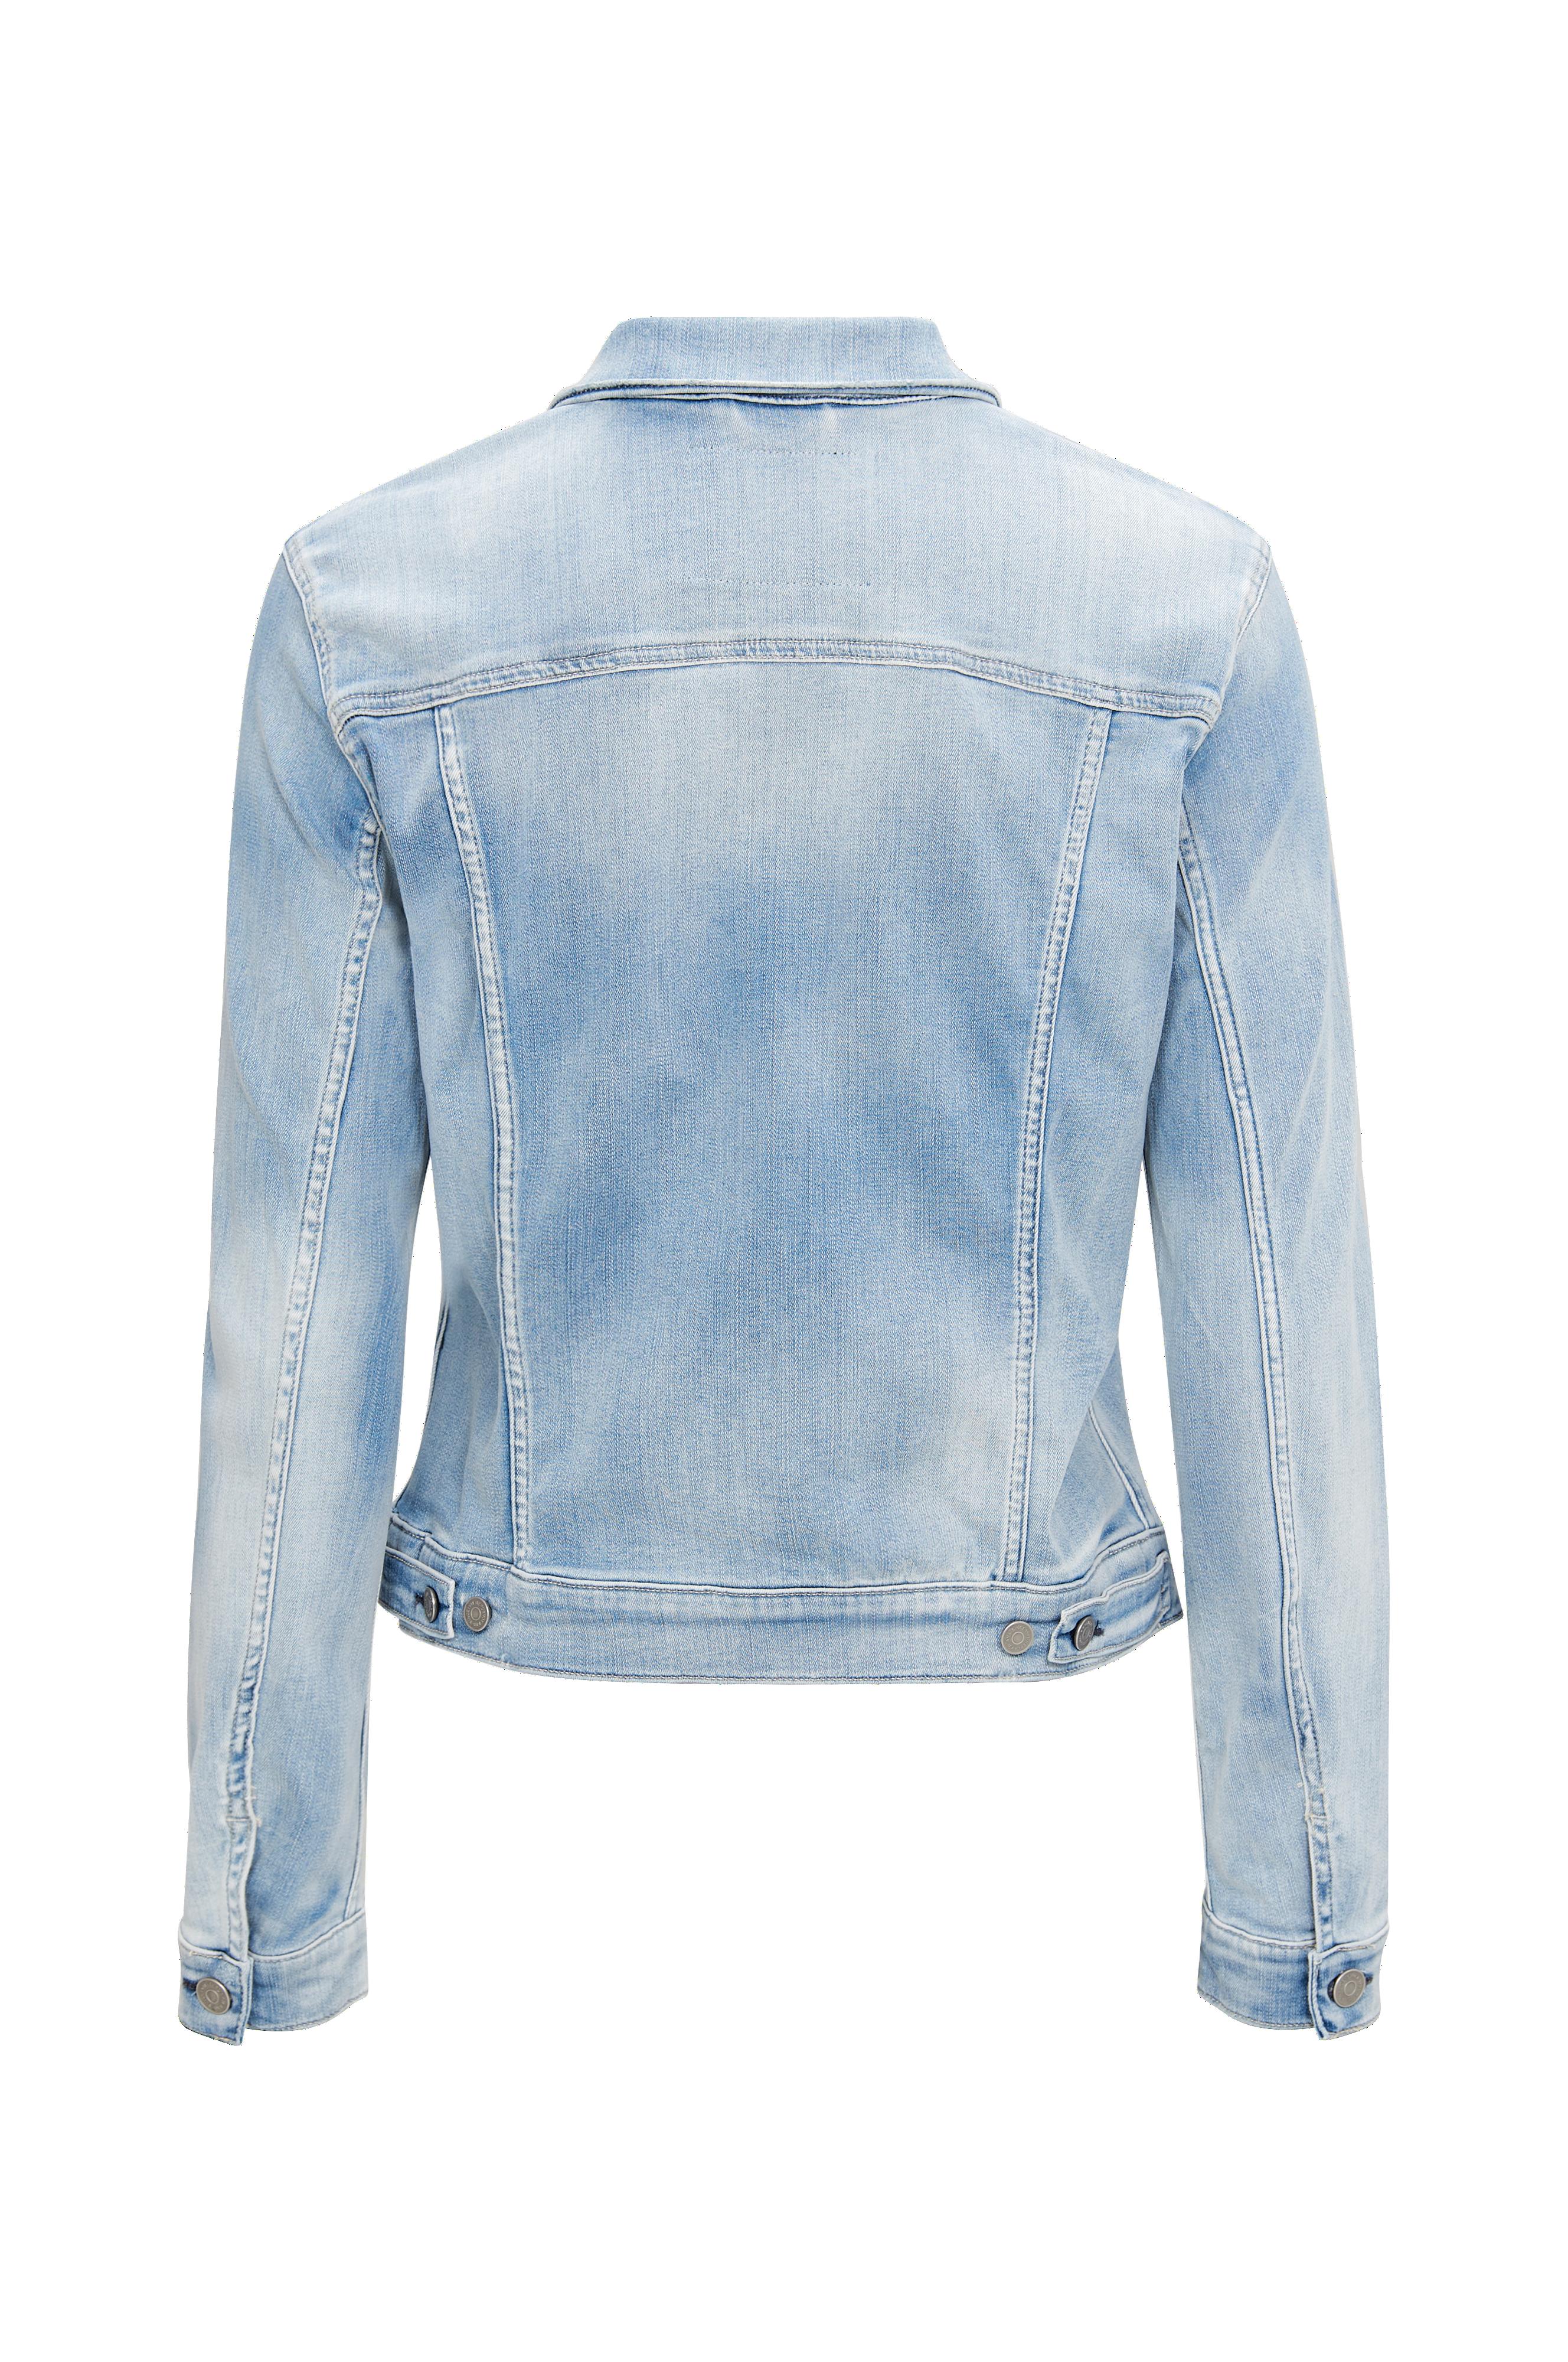 Replay Jeansjakke Hyperflex Light Denim Jacket Blå